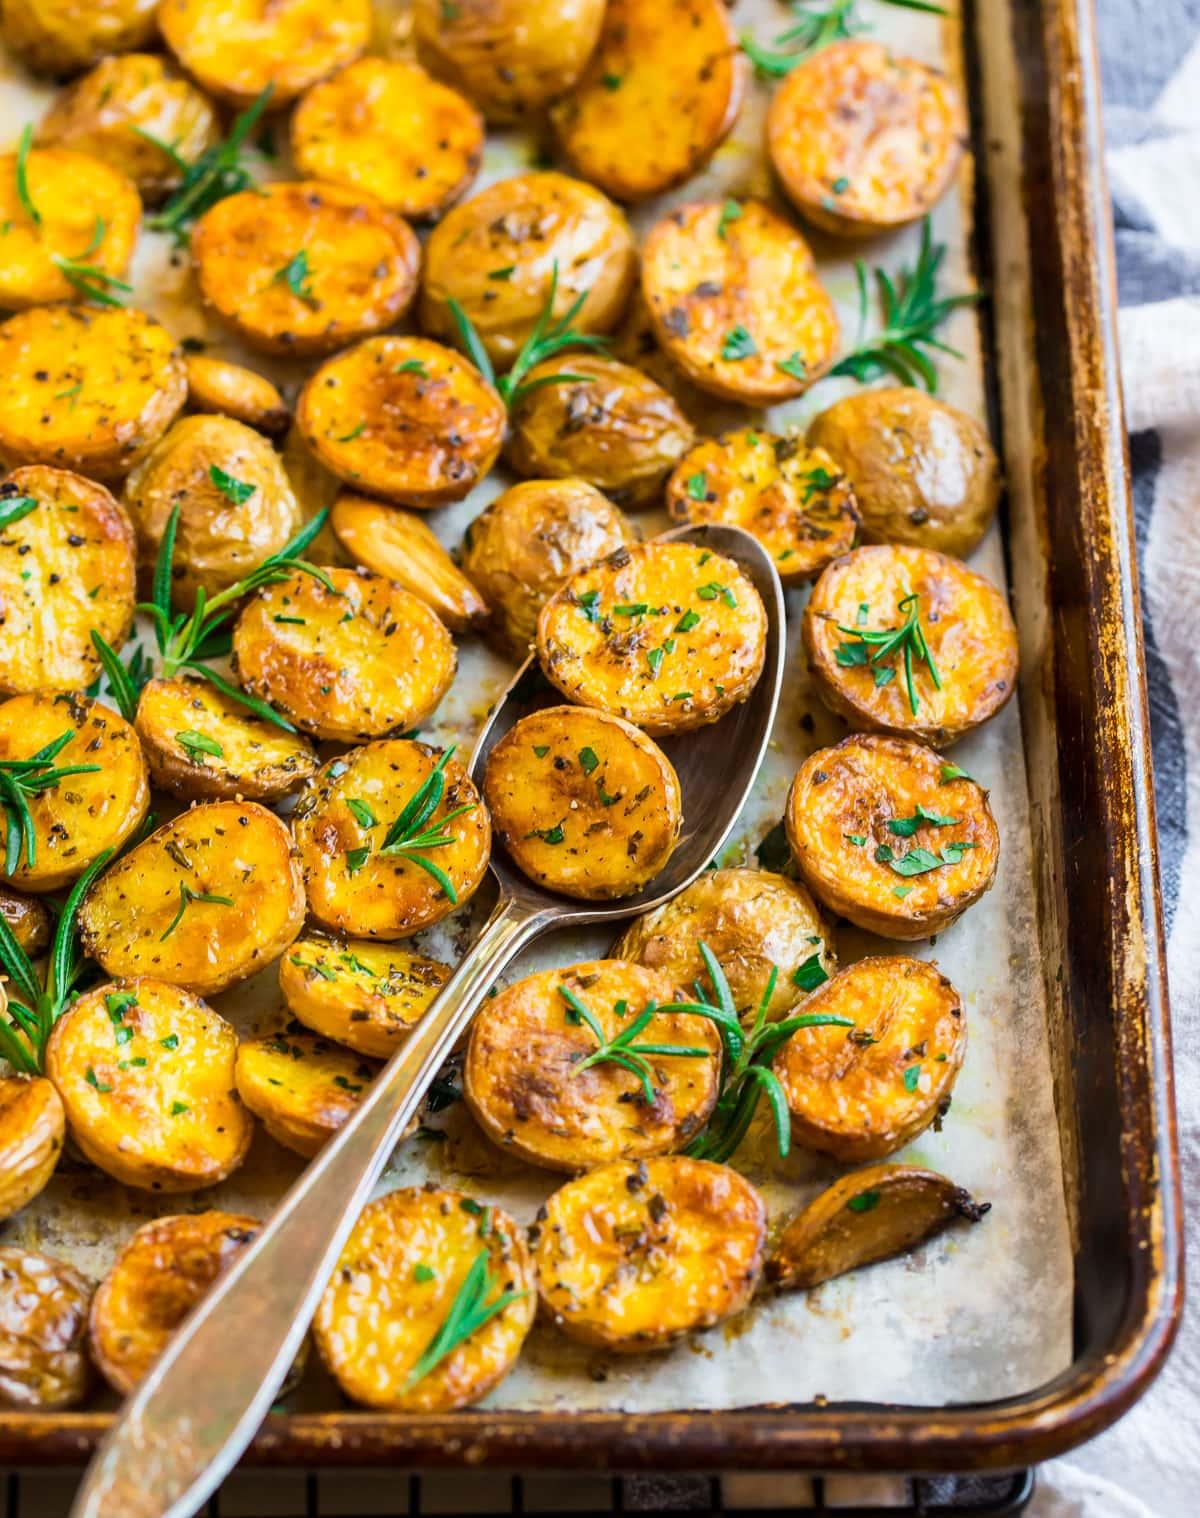 Crispy oven roasted potatoes on a sheet pan